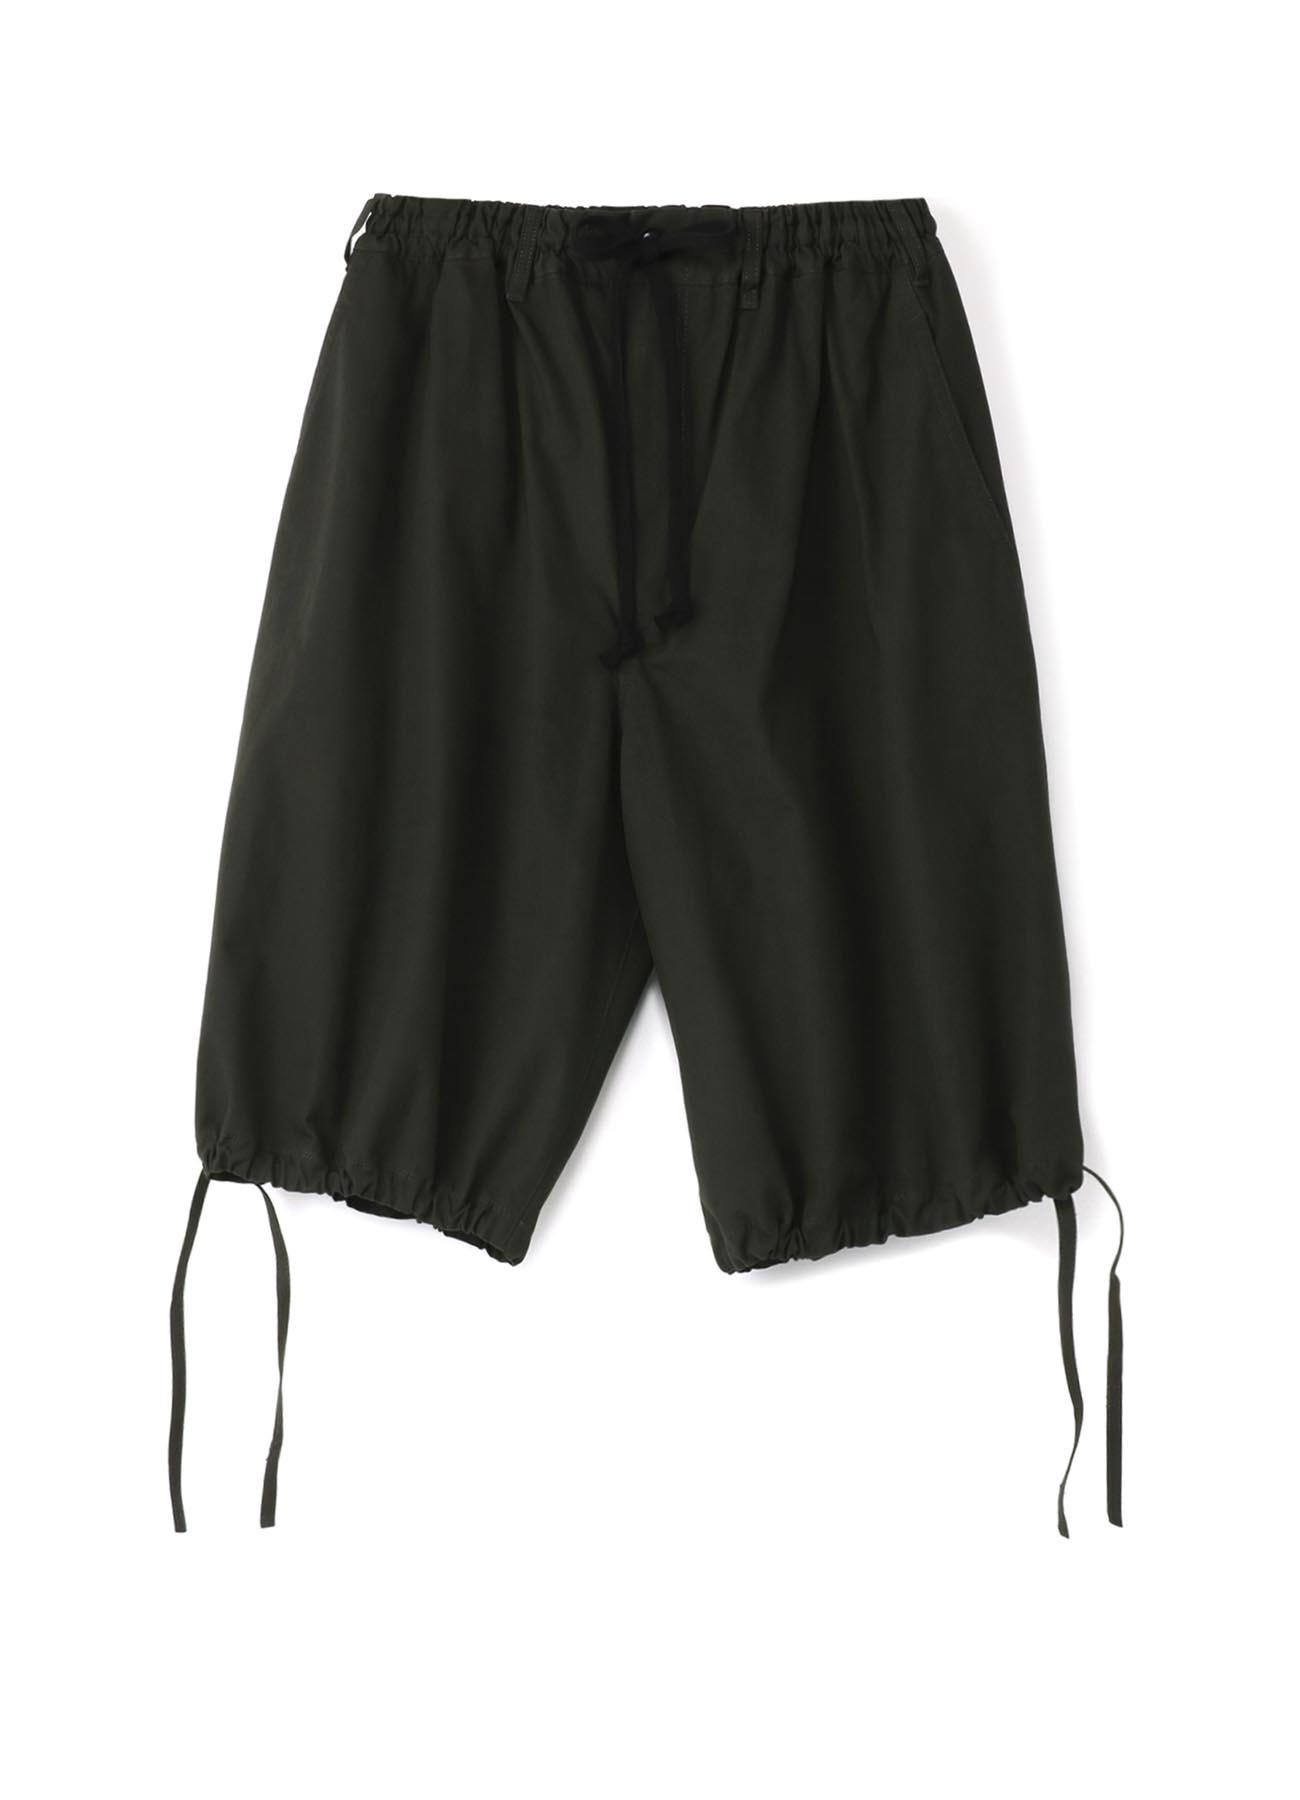 帆布抽绳短裤